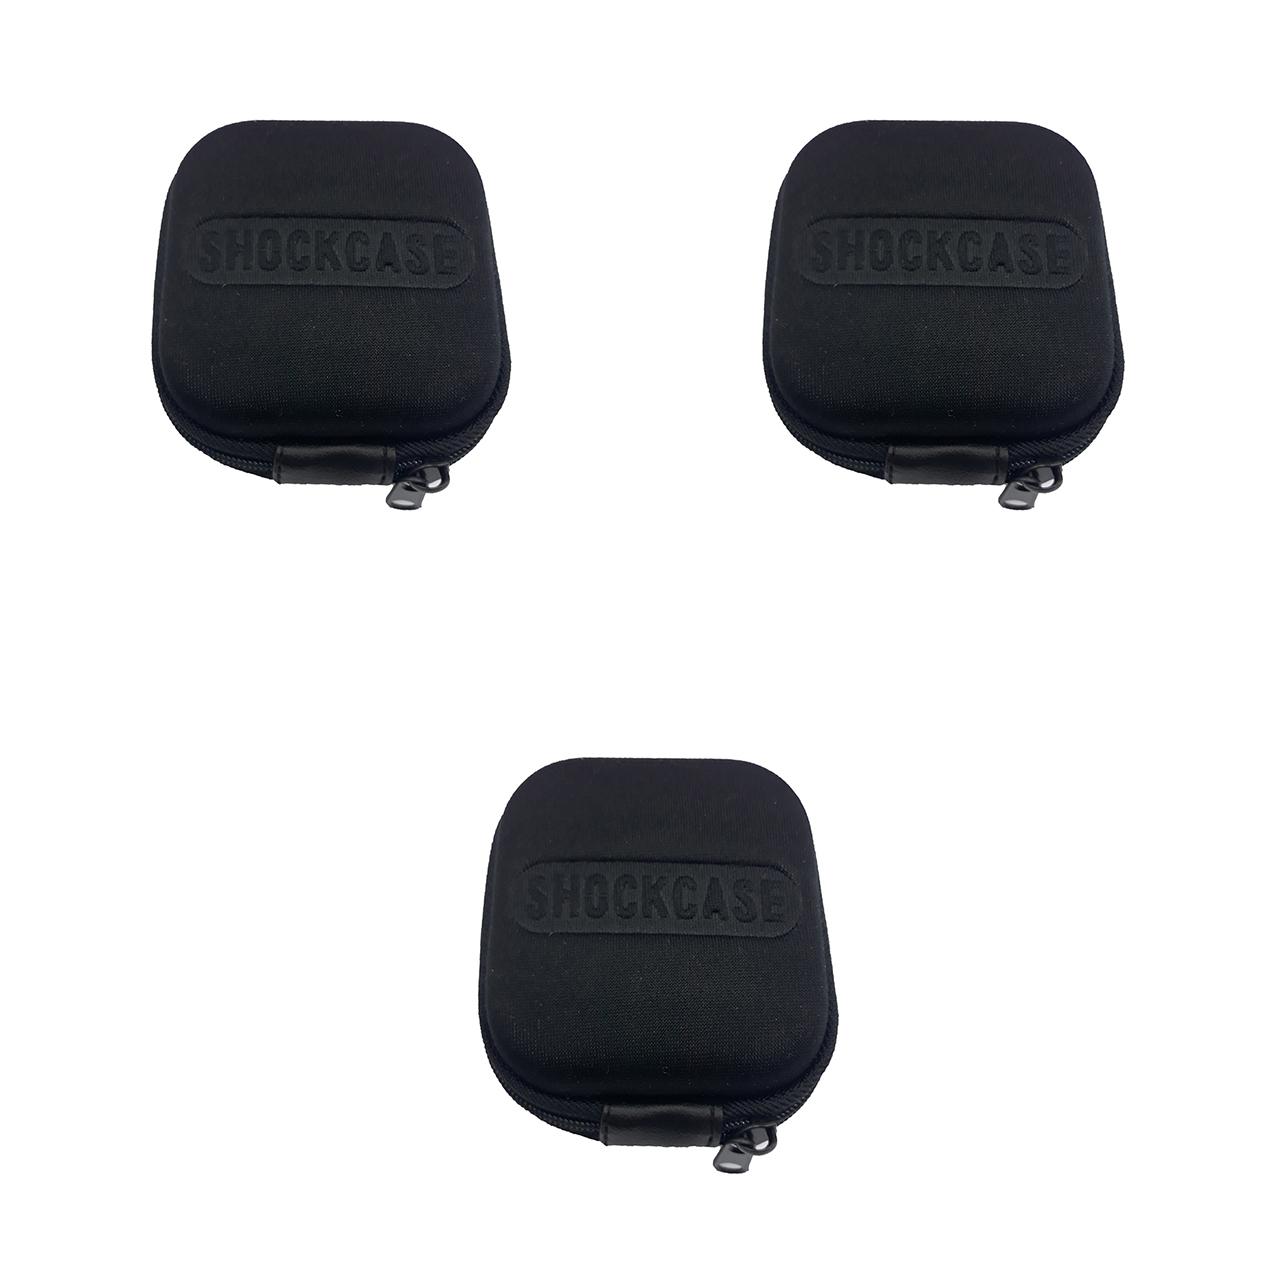 کیف هندزفری مدل Shockcase بسته 3 عددی              ( قیمت و خرید)